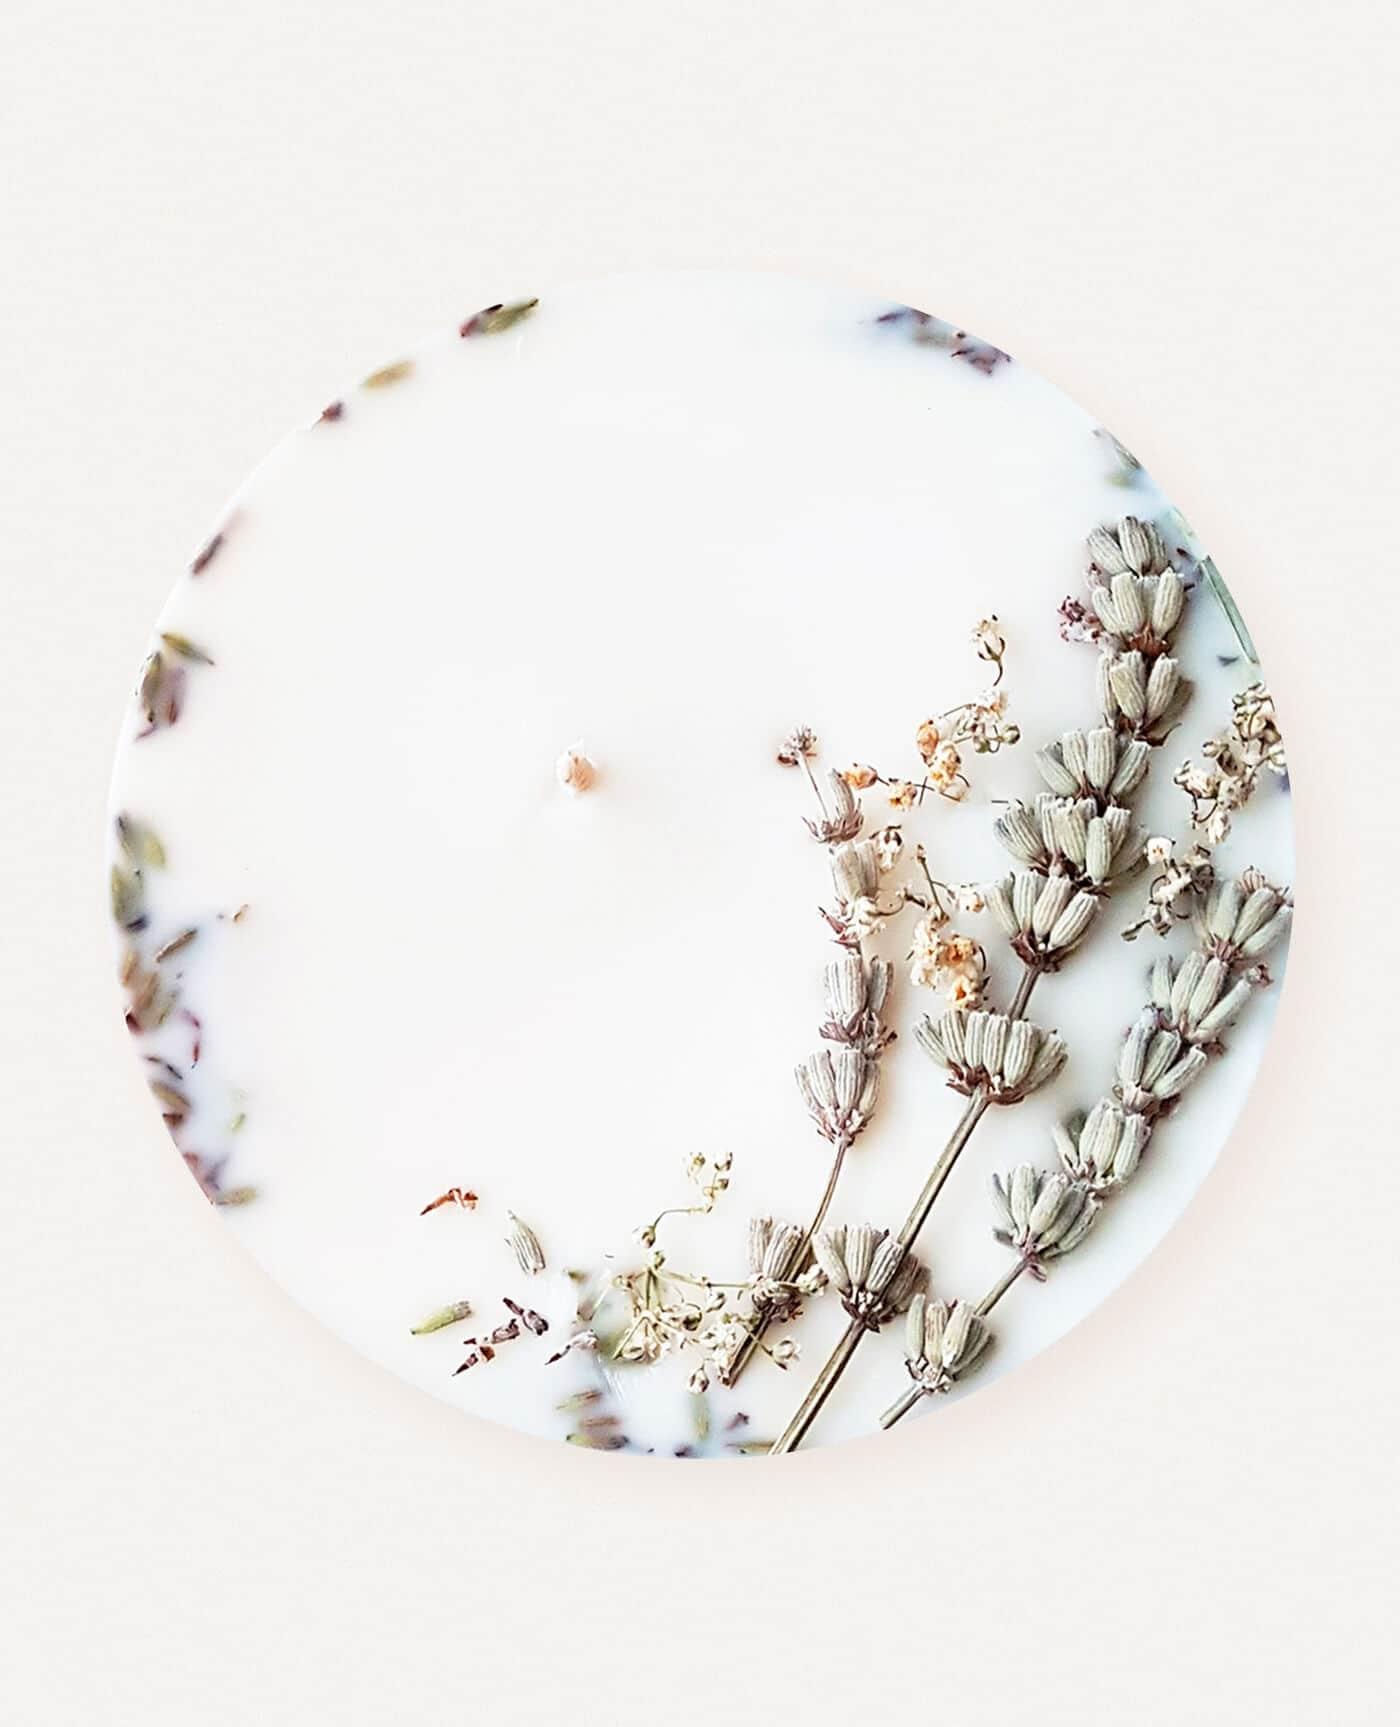 Bougie parfumée fleurie Lavande et bois de Hô aux huiles essentielles bio et vegan de la marque Ponoie made in France